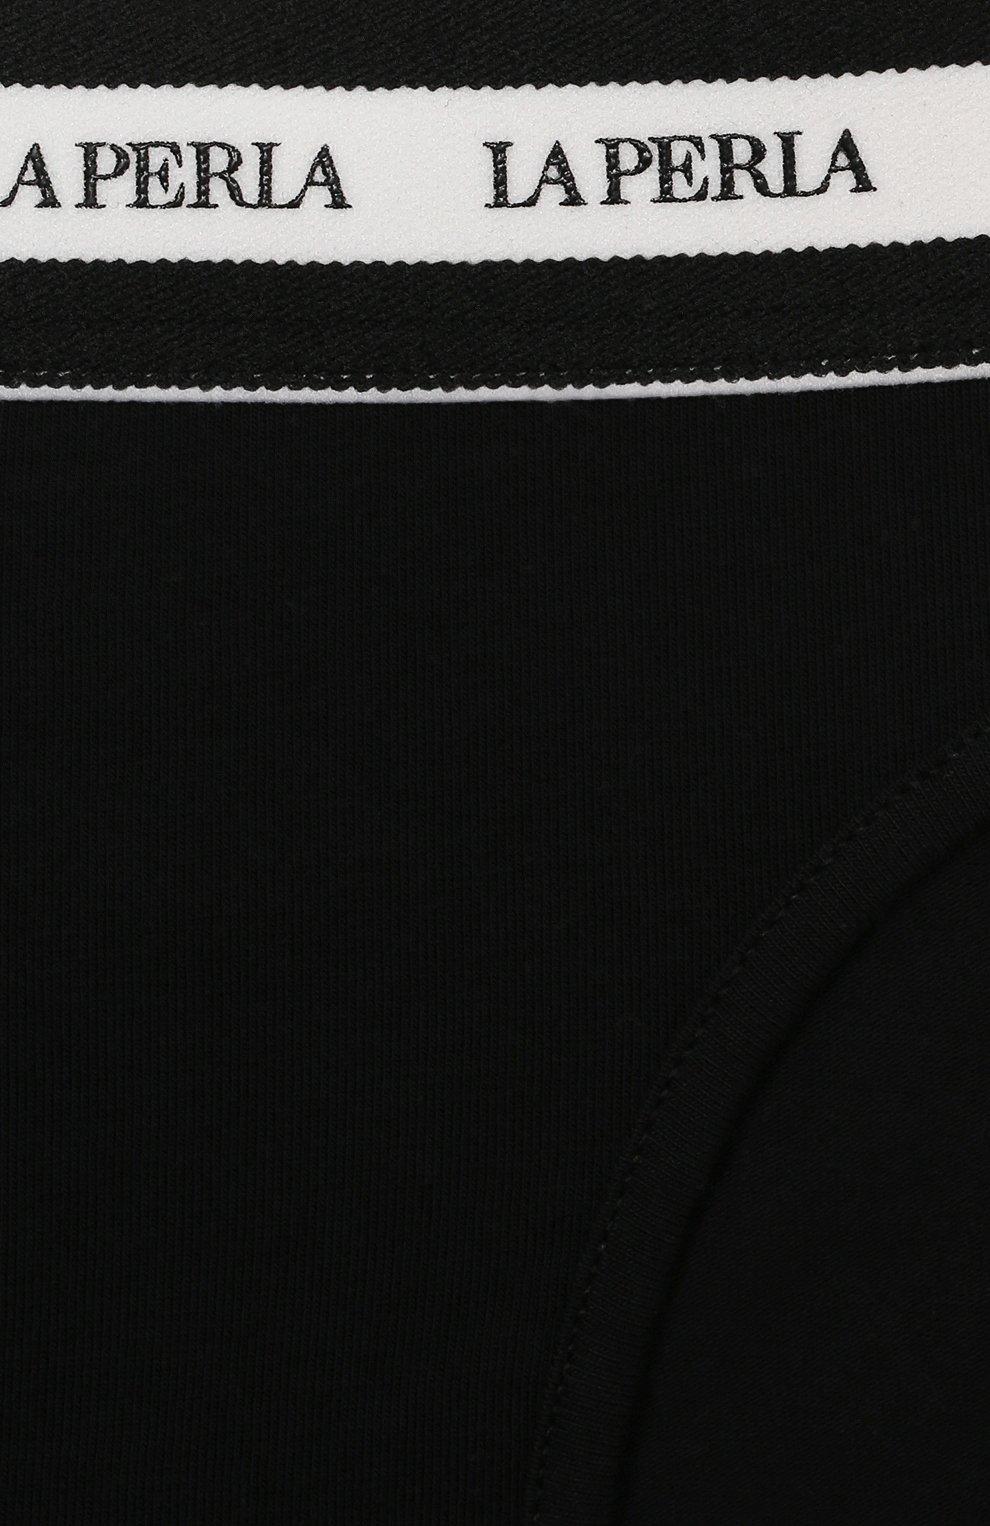 Детские трусы-слипы LA PERLA черного цвета, арт. 70127/8A-14A | Фото 3